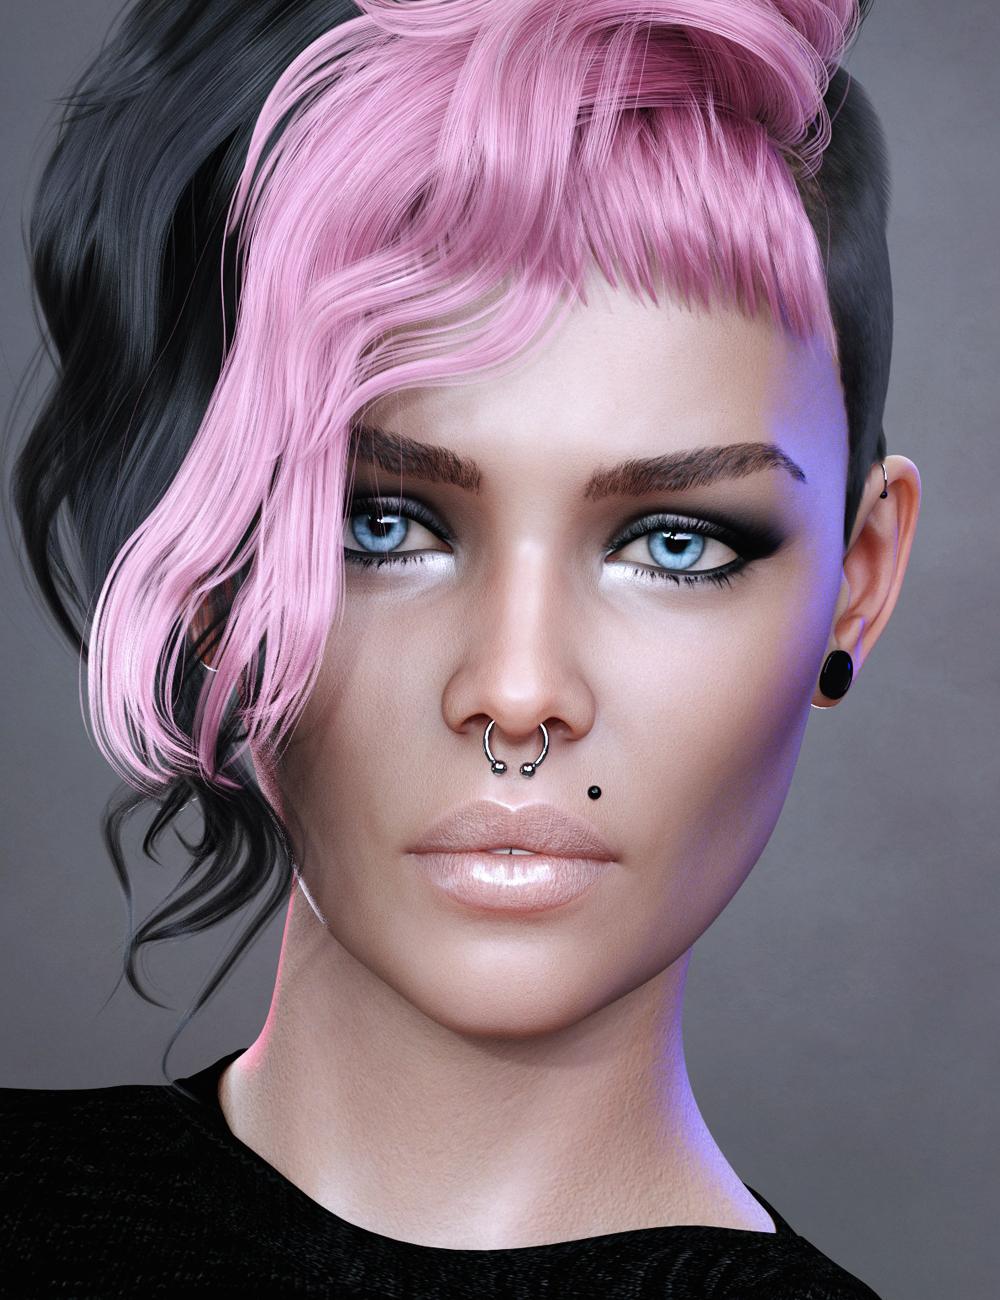 Emily HD for Genesis 8.1 Female by: Emrys, 3D Models by Daz 3D